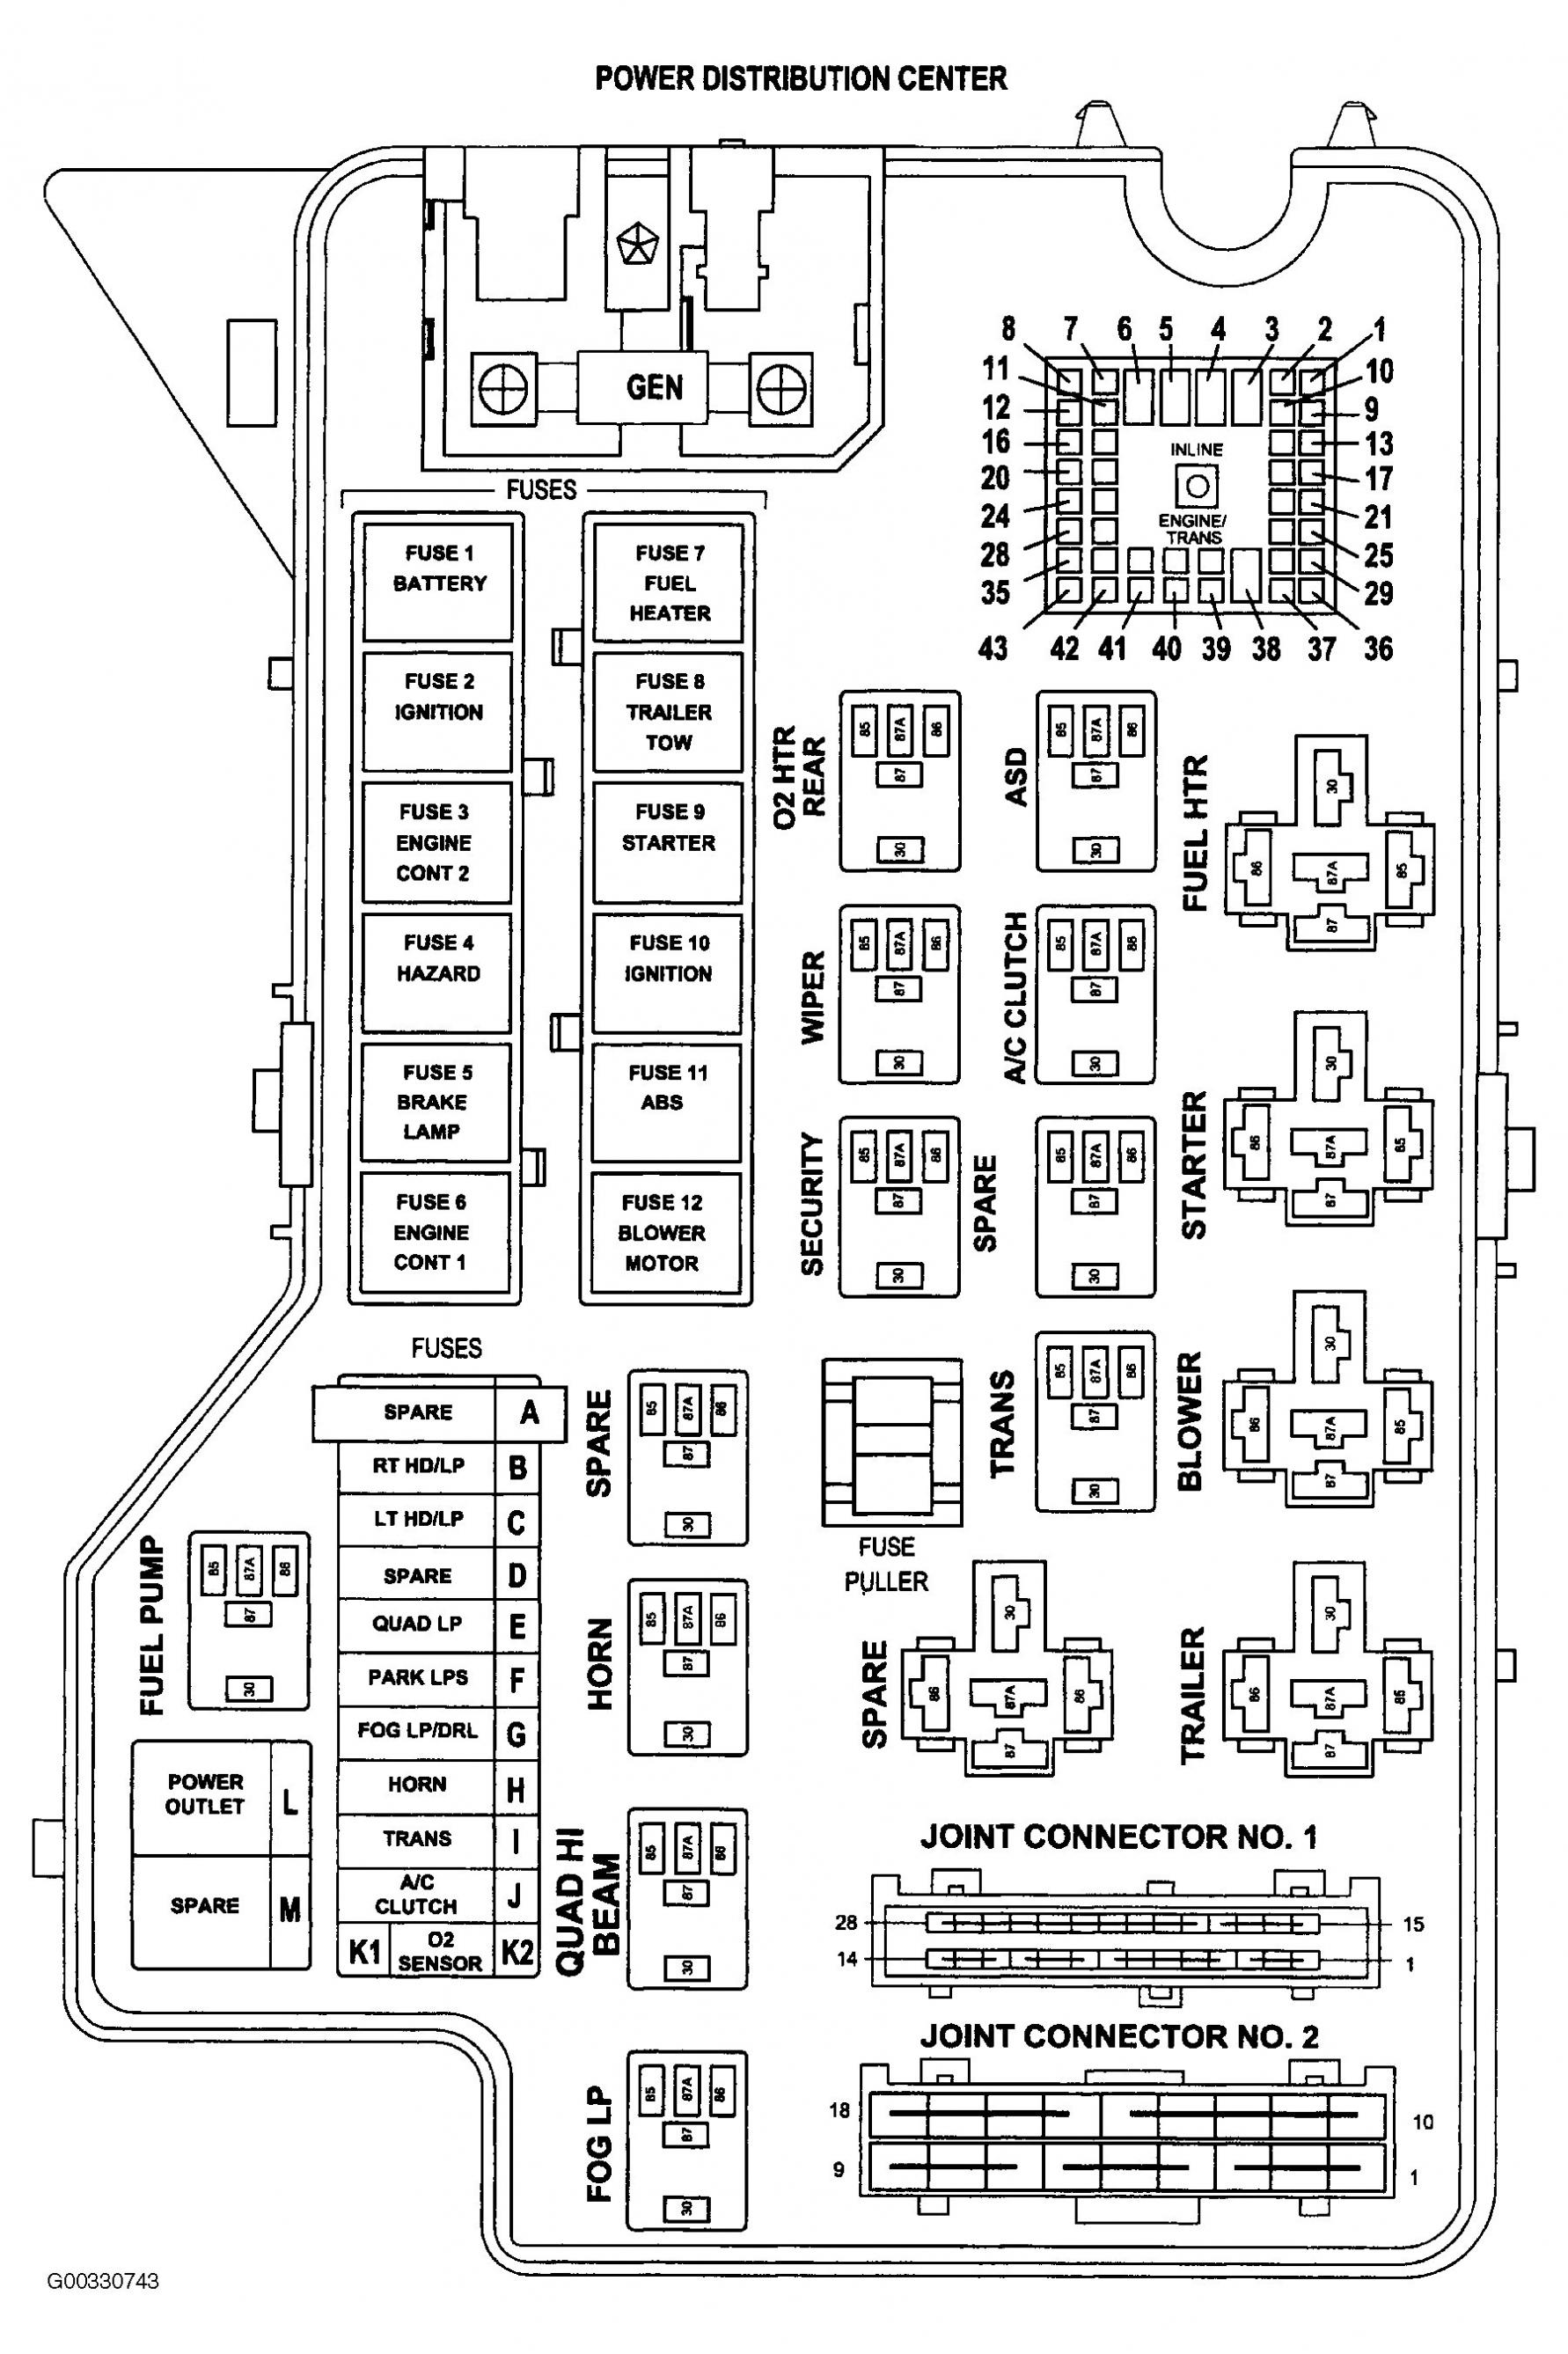 Fuse Box For 1998 Dodge Ram 1500 - 1985 Ford F 150 Radio Wiring Diagram -  vga.ke2x.jeanjaures37.frWiring Diagram